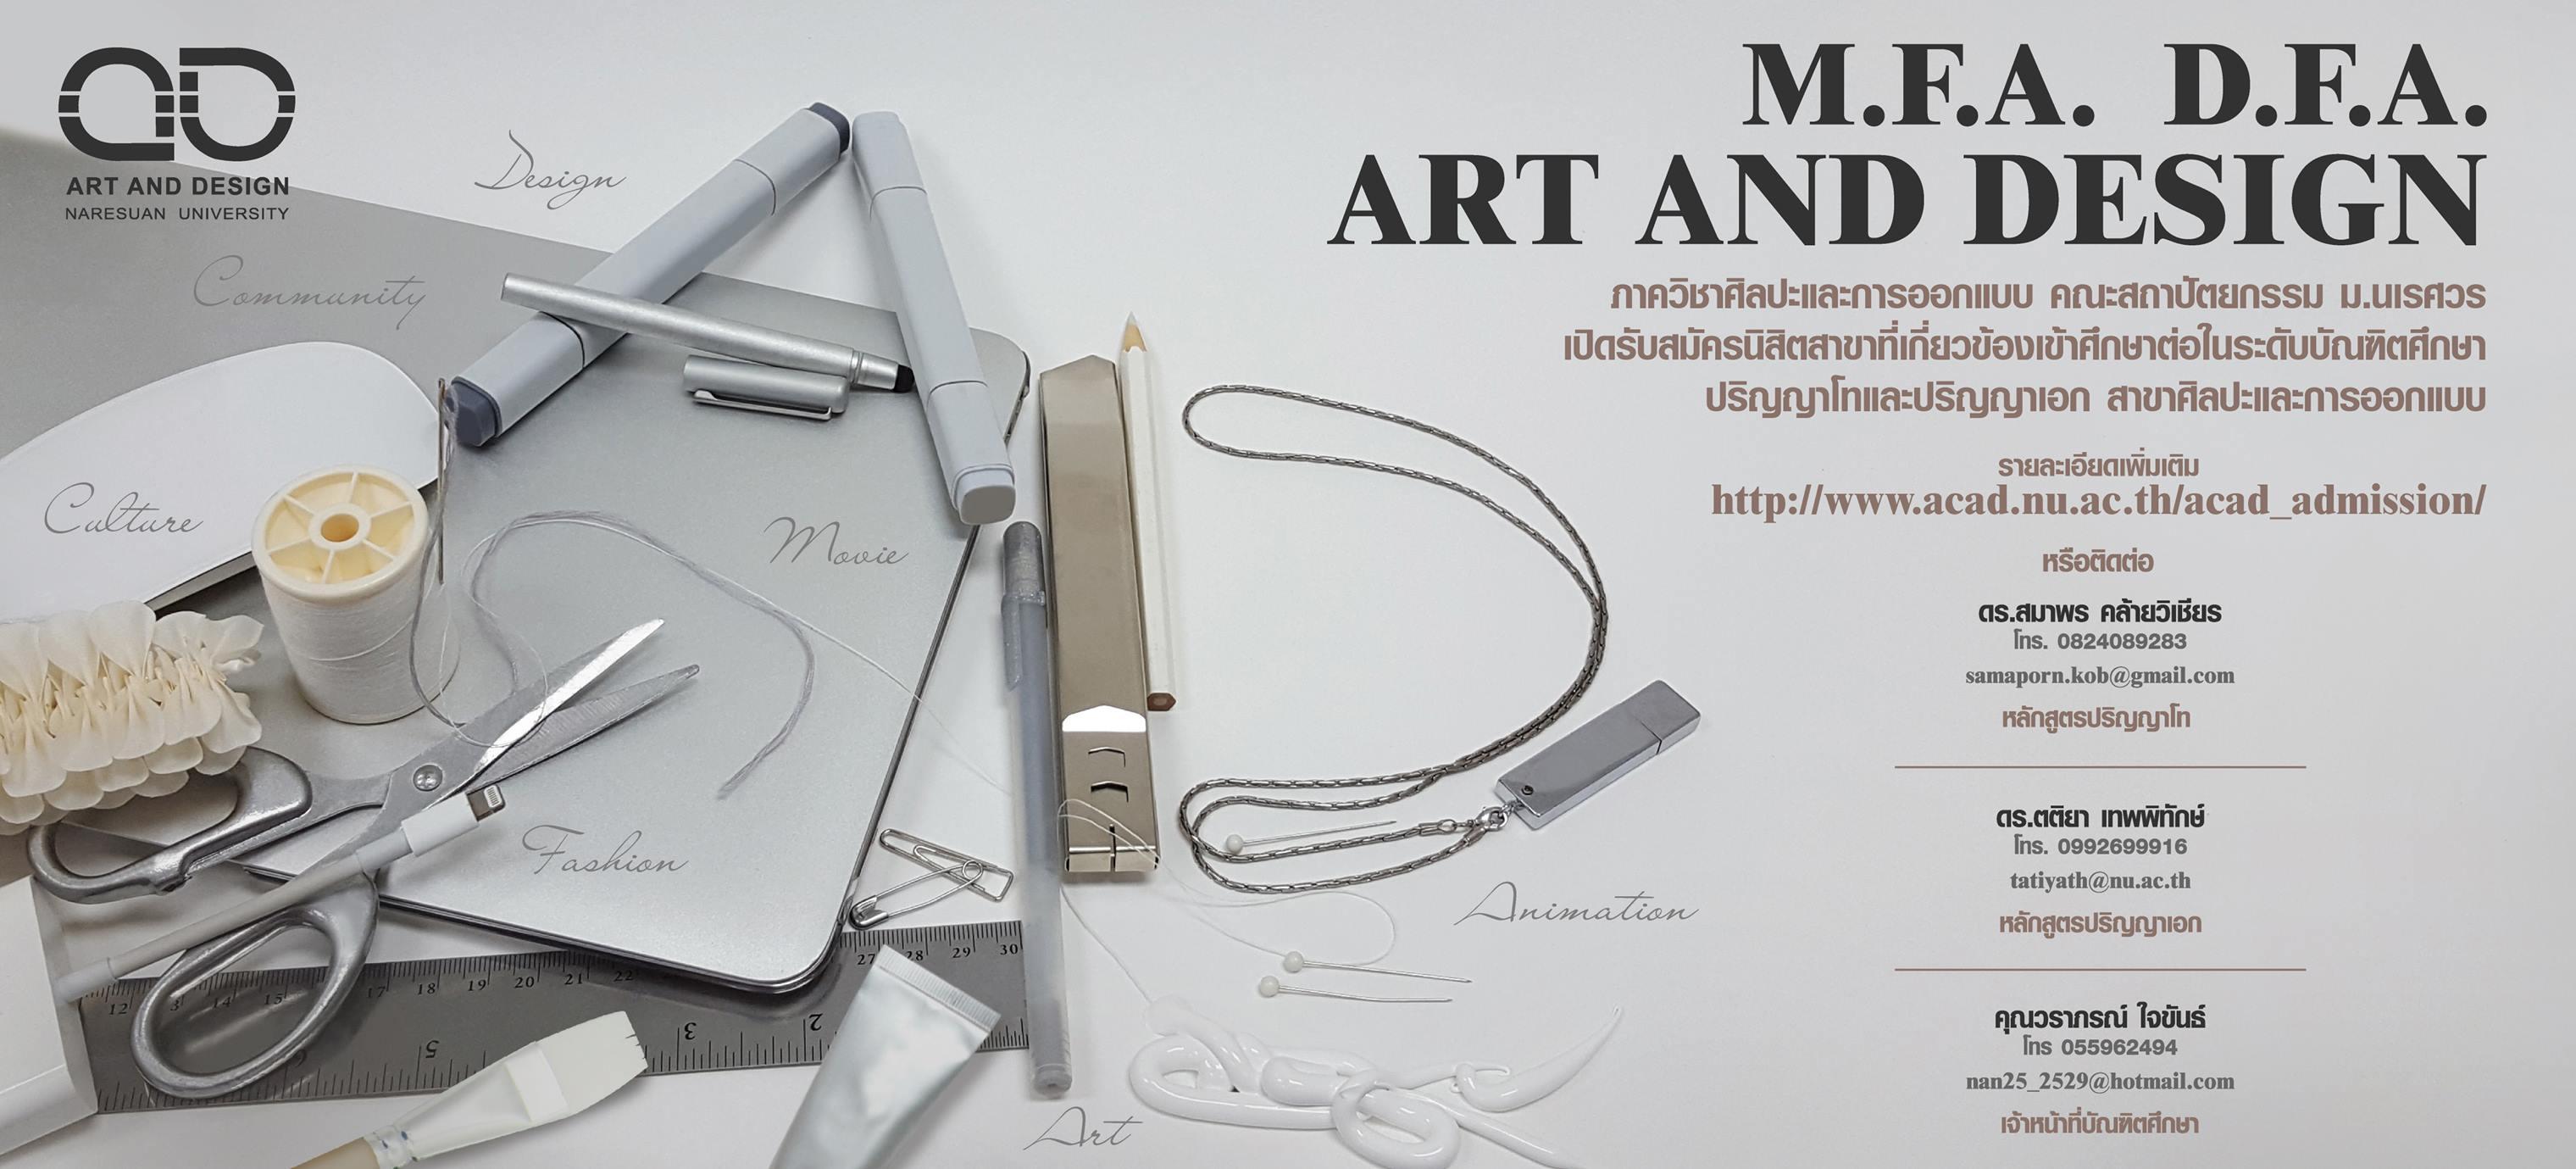 รับสมัครเข้าศึกษา Art and Design